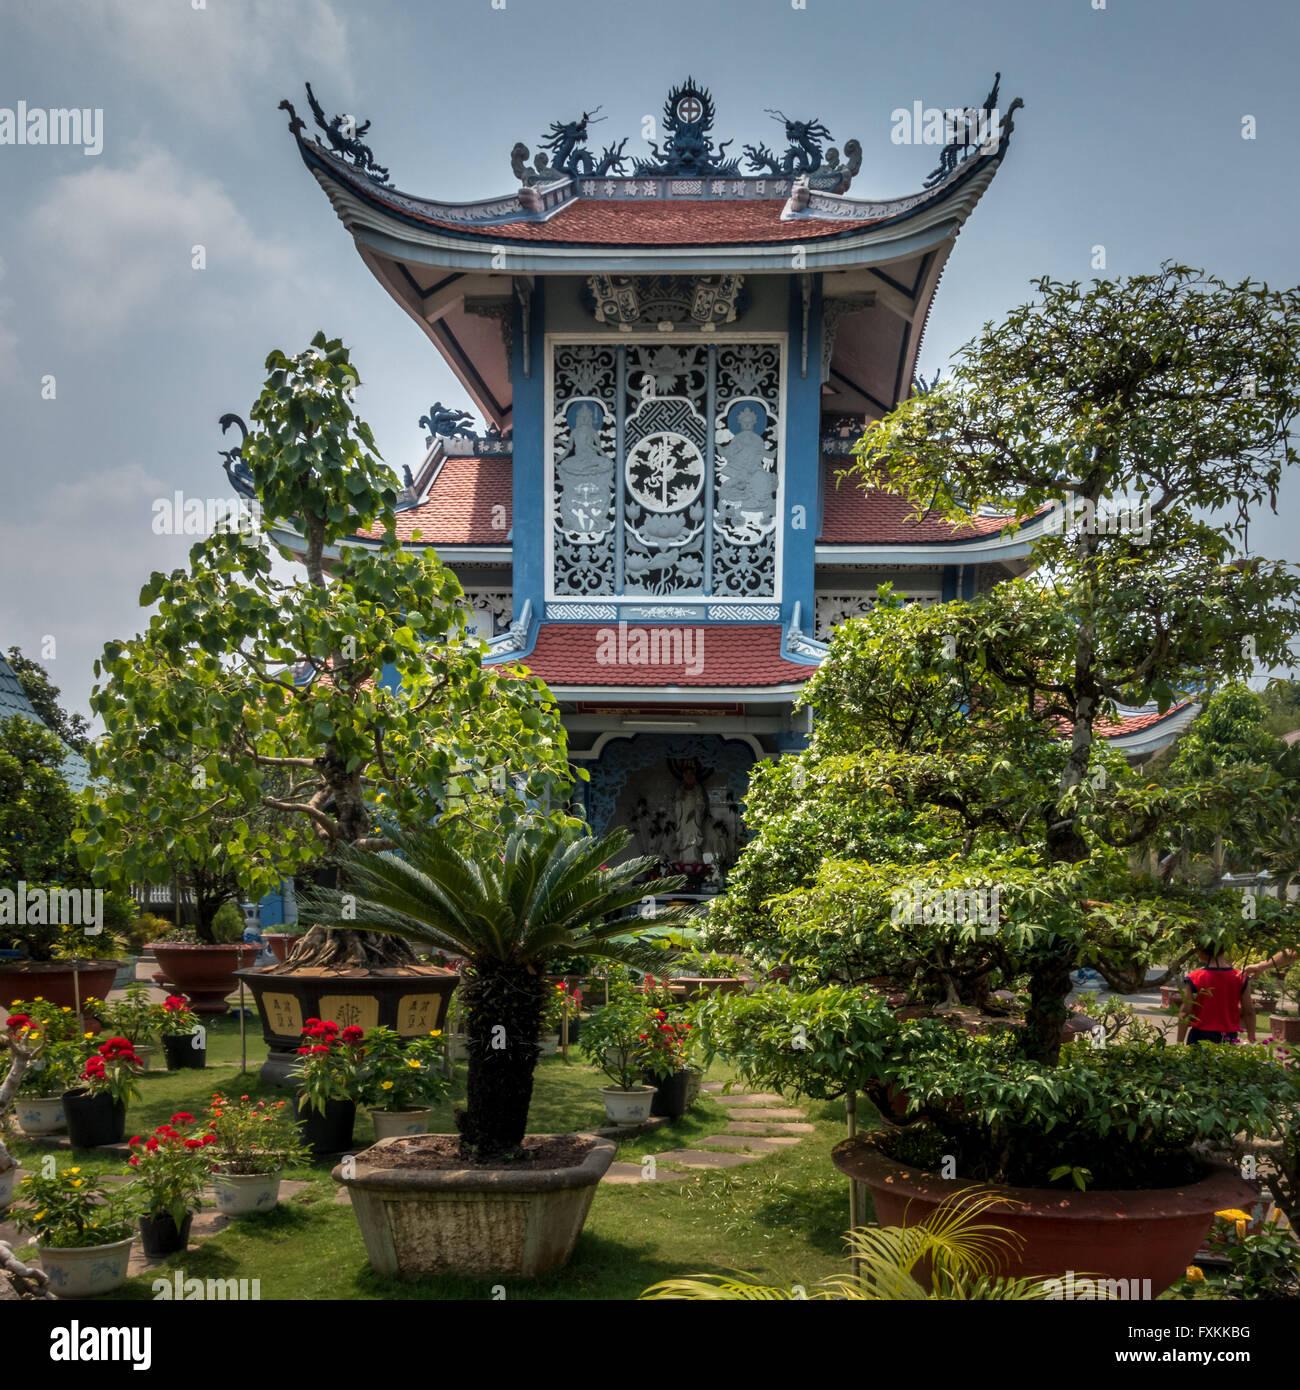 Buddhist Nuns Monastery of Phuoc Hue - Sa Dec, Mekong Delta, Vietnam - Stock Image